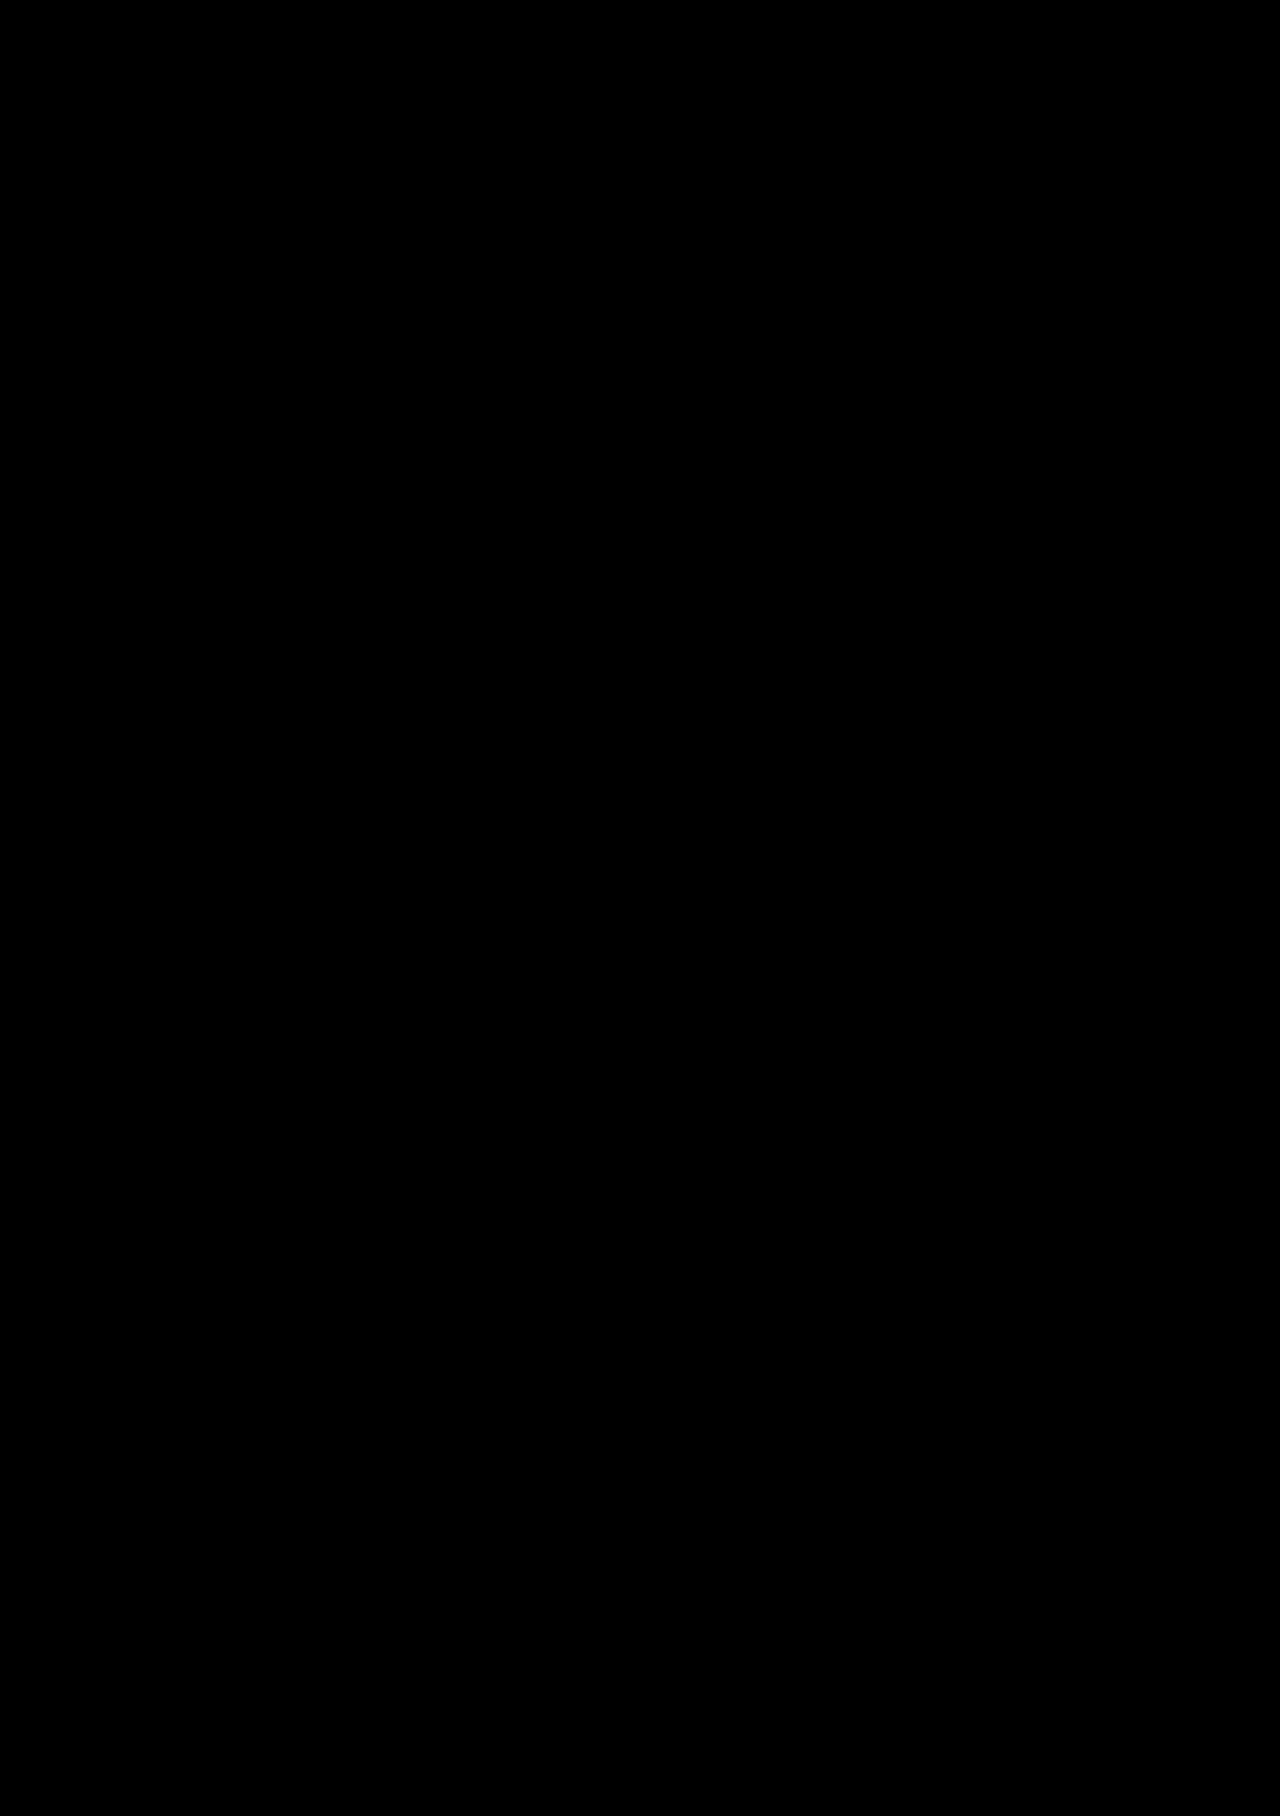 Sasuke Lineart : Sasuke volume lineart by tobeyd on deviantart